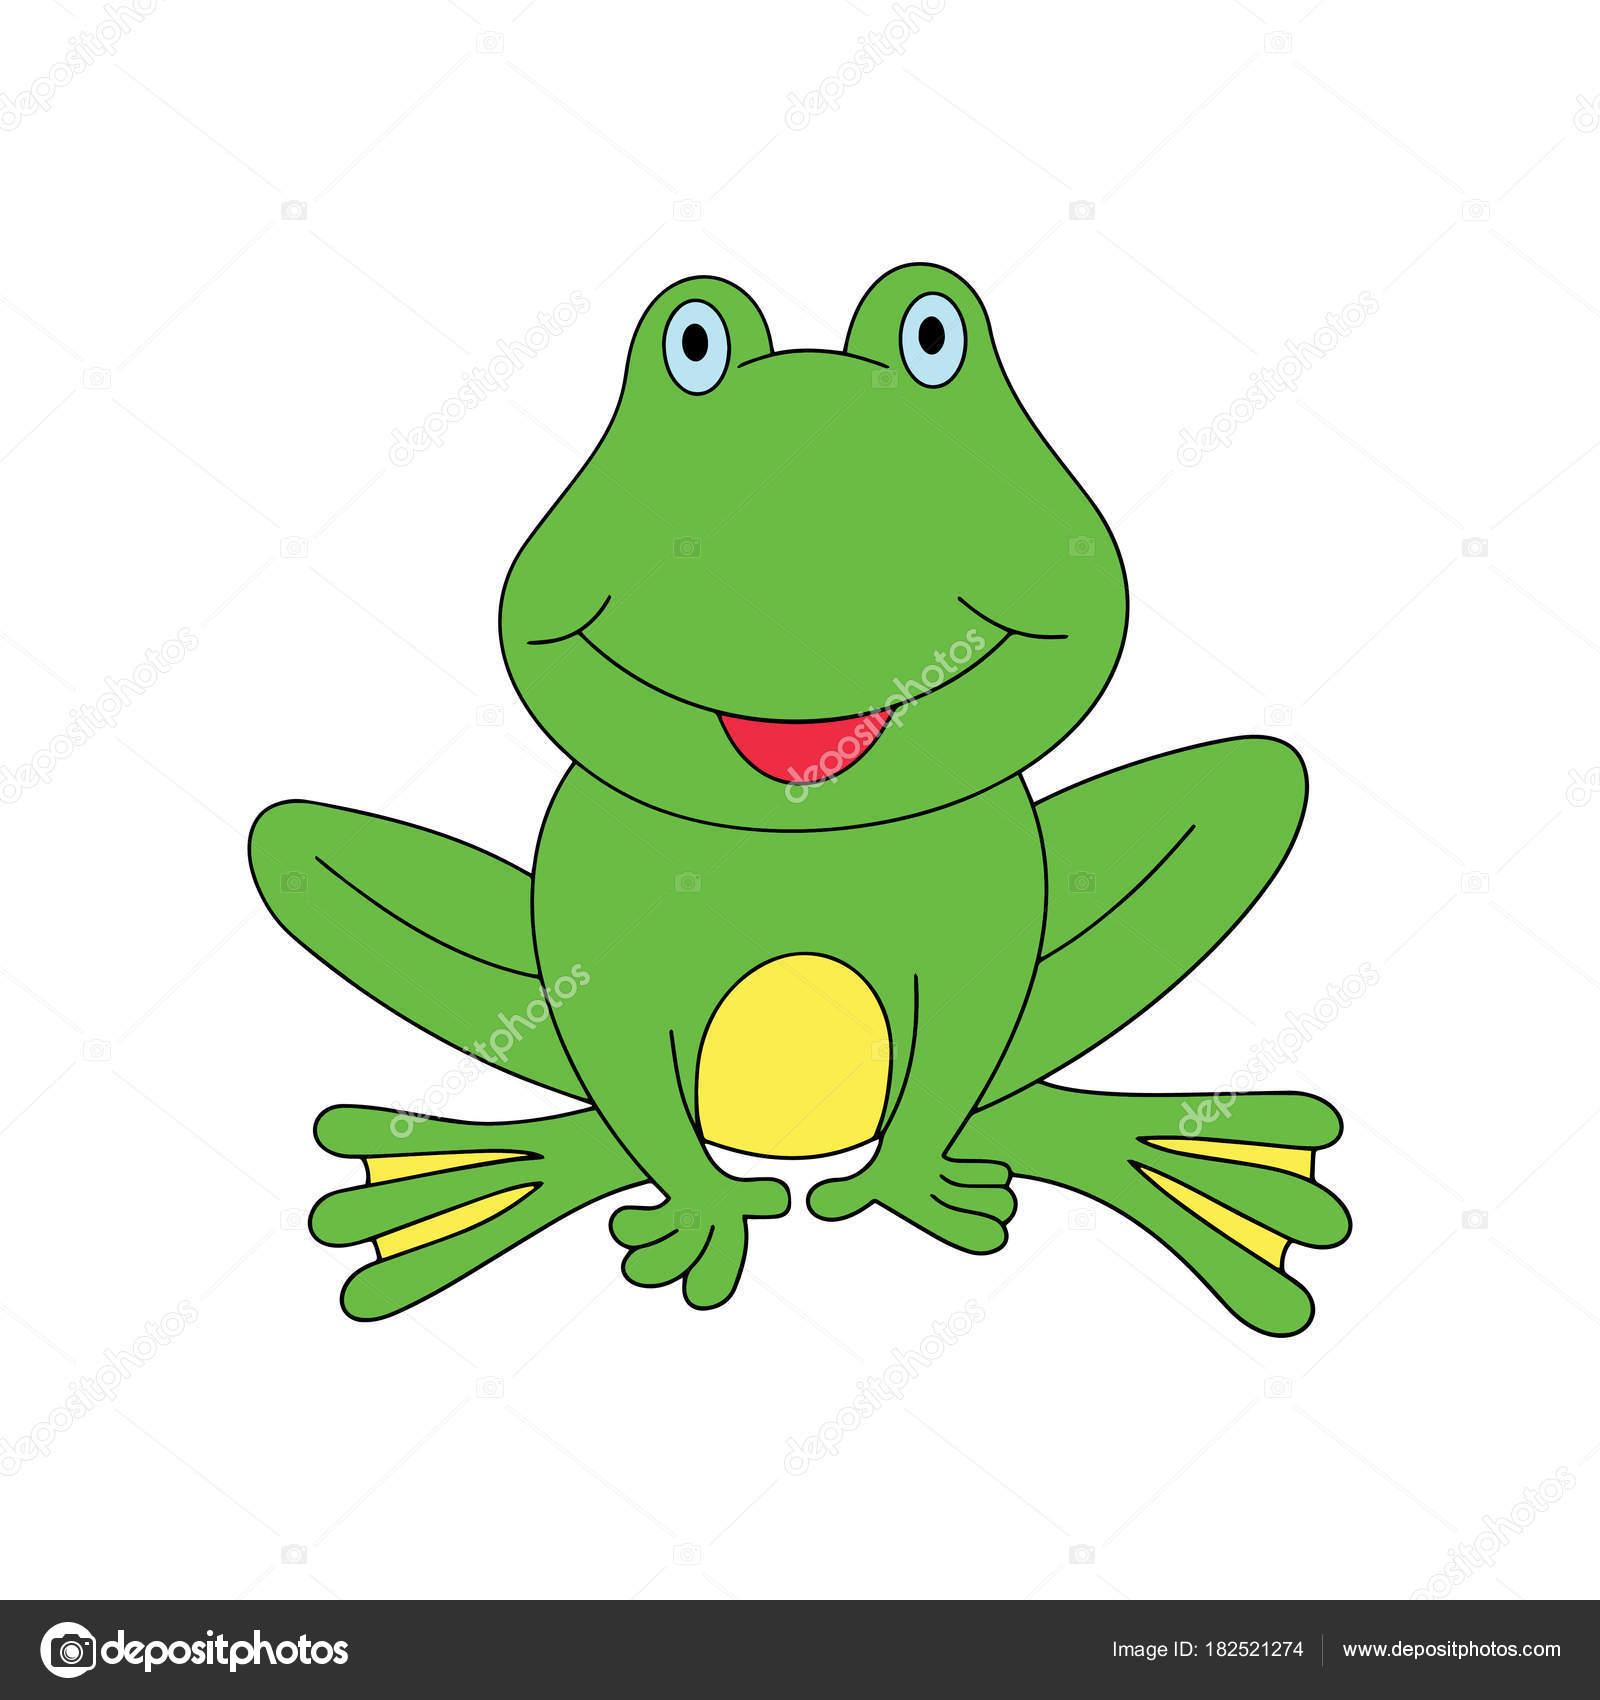 Niedlichen Cartoon Frosch Auf Weißem Hintergrund Für Kinder Drucken